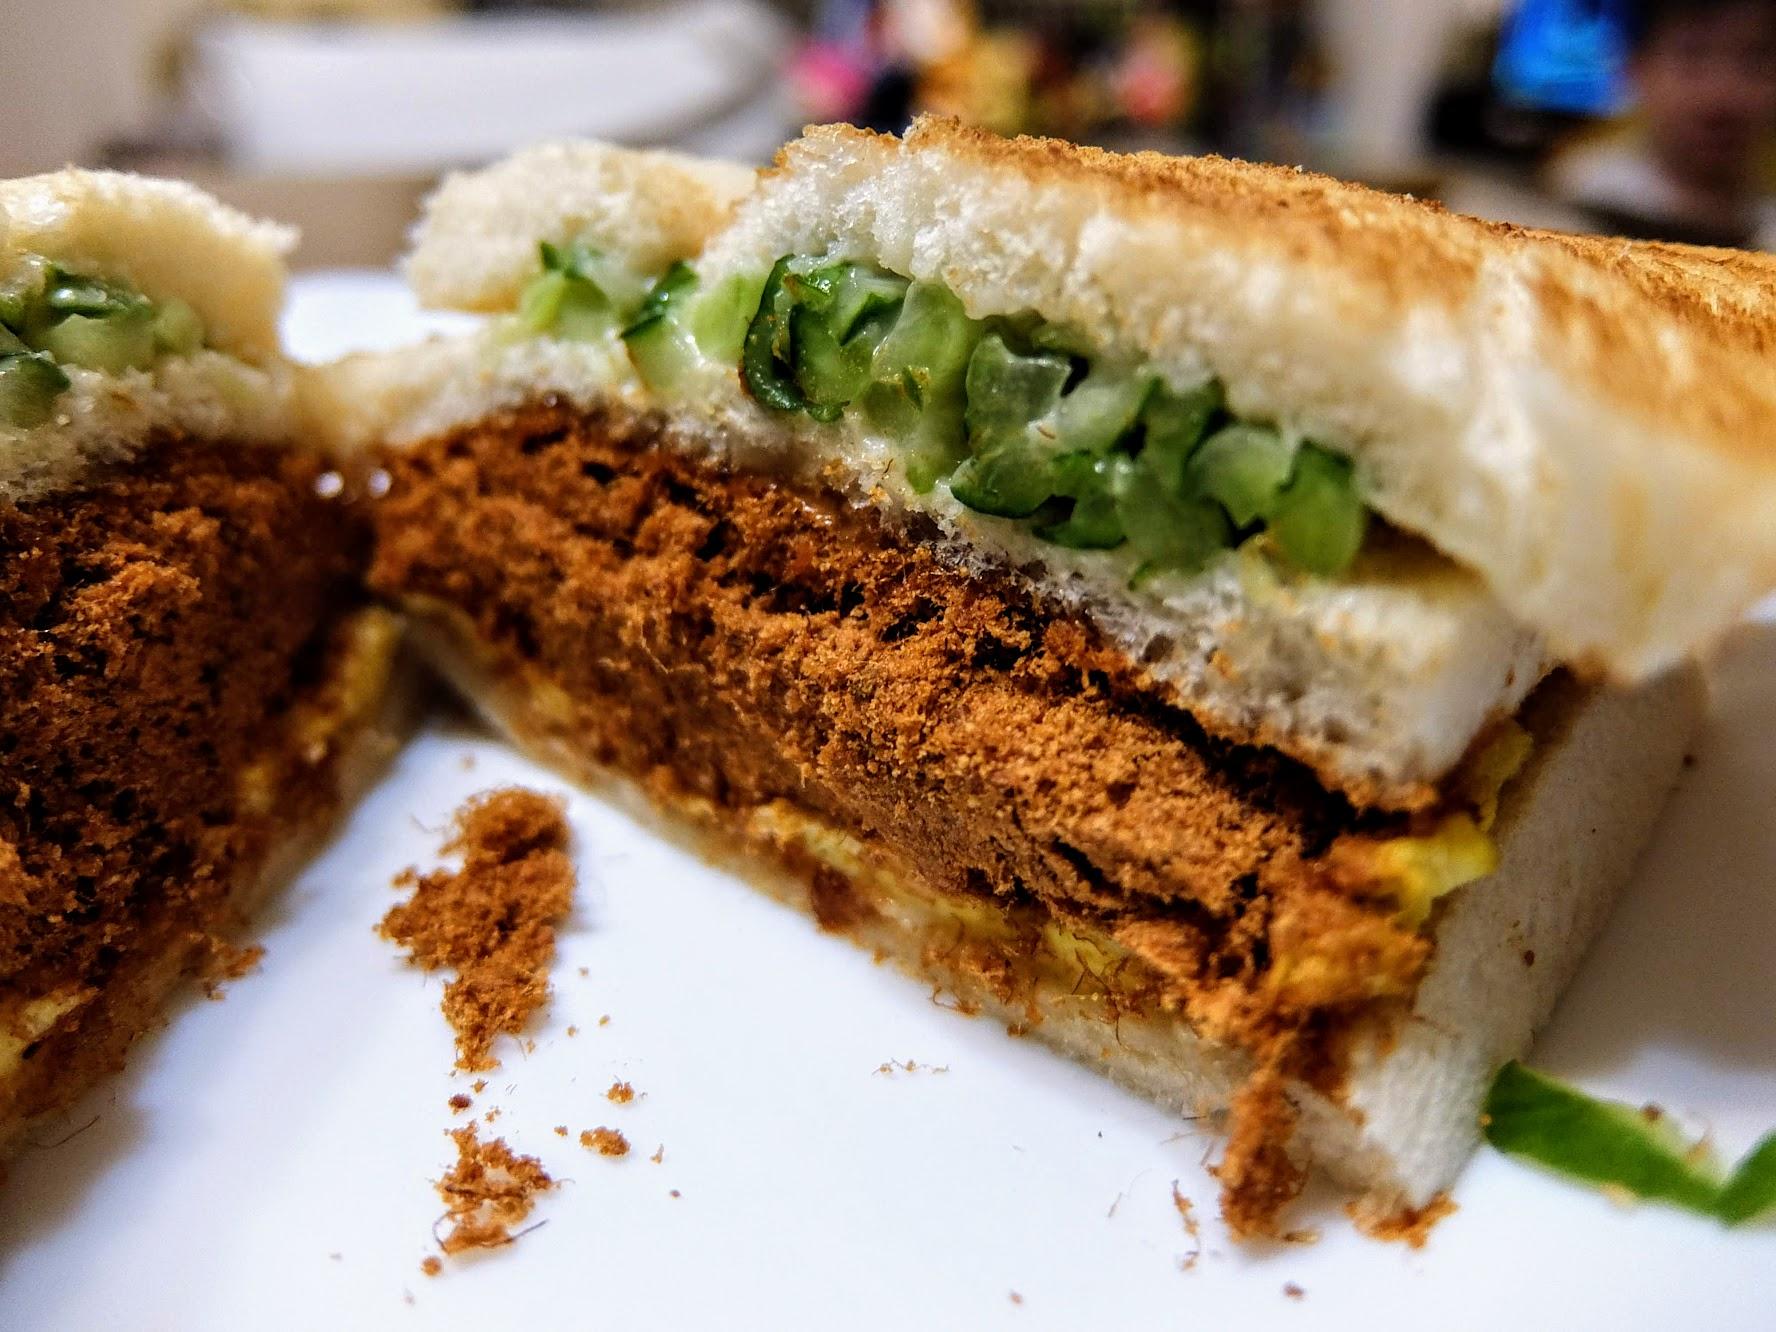 肉鬆三明治,肉鬆給得很多啊!